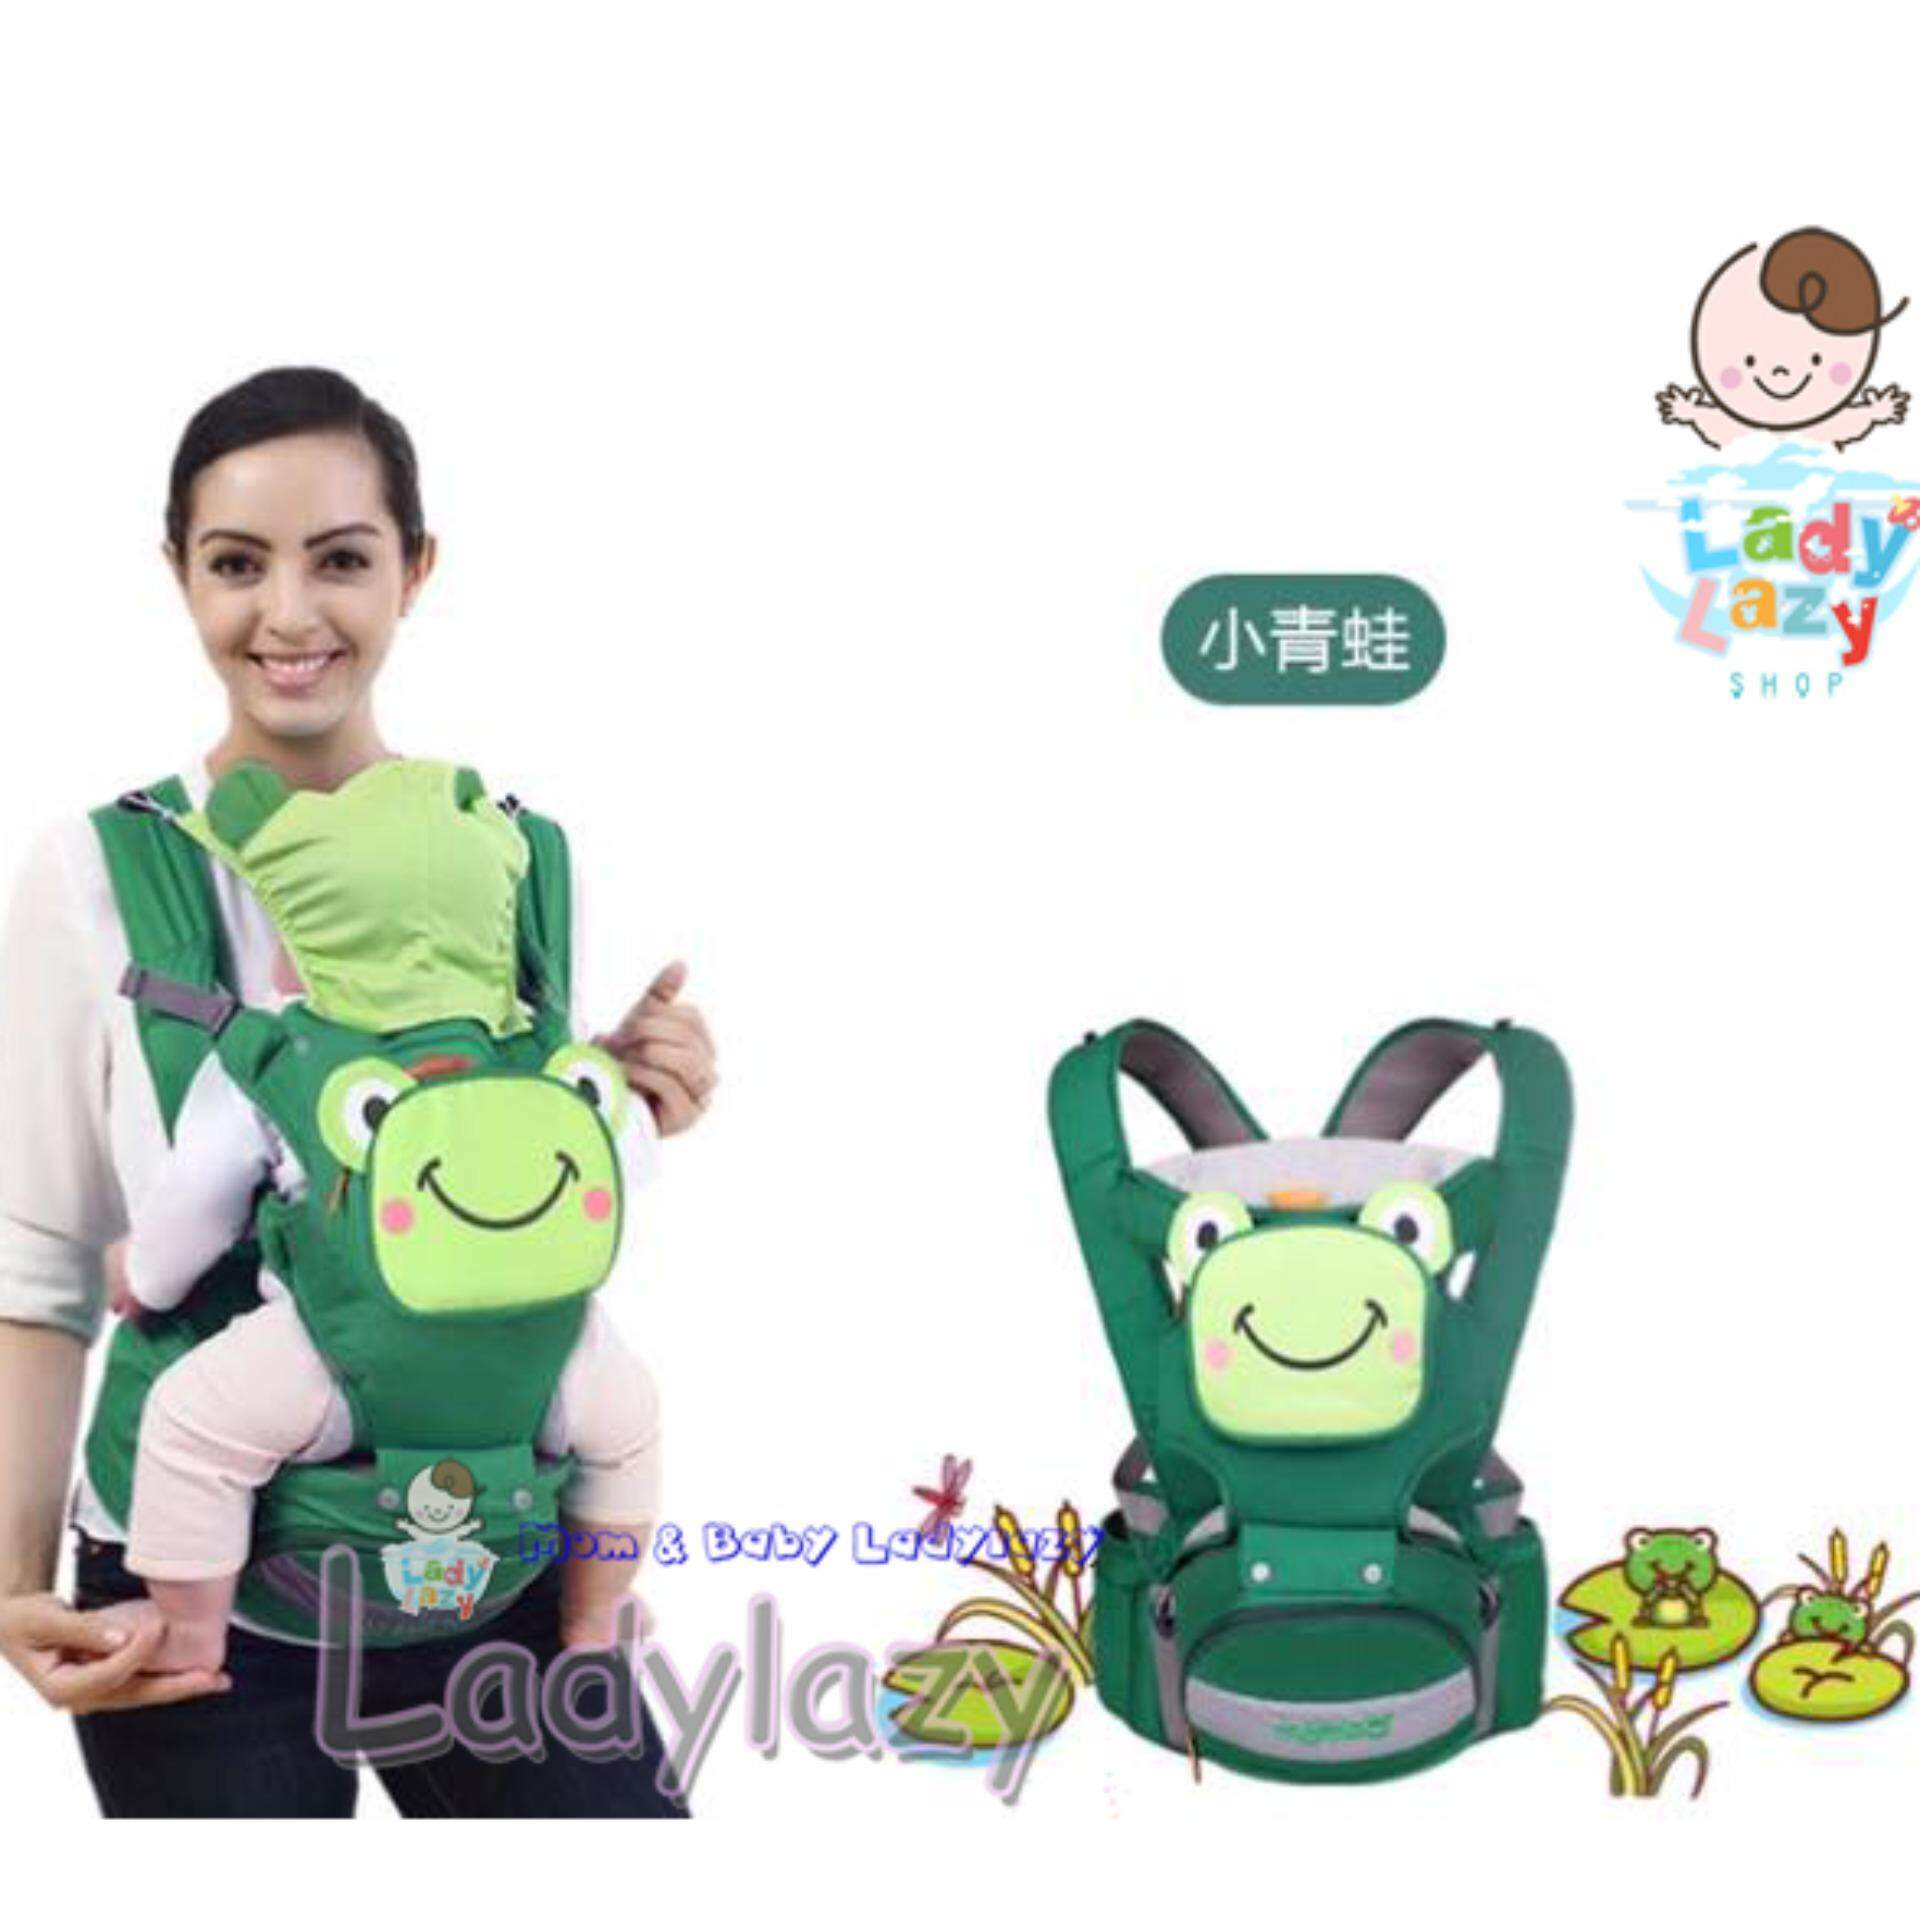 ladylazy เป้อุ้มเด็ก 4in1 Hip Seat Carrier (กบน้อย สีเขียว)